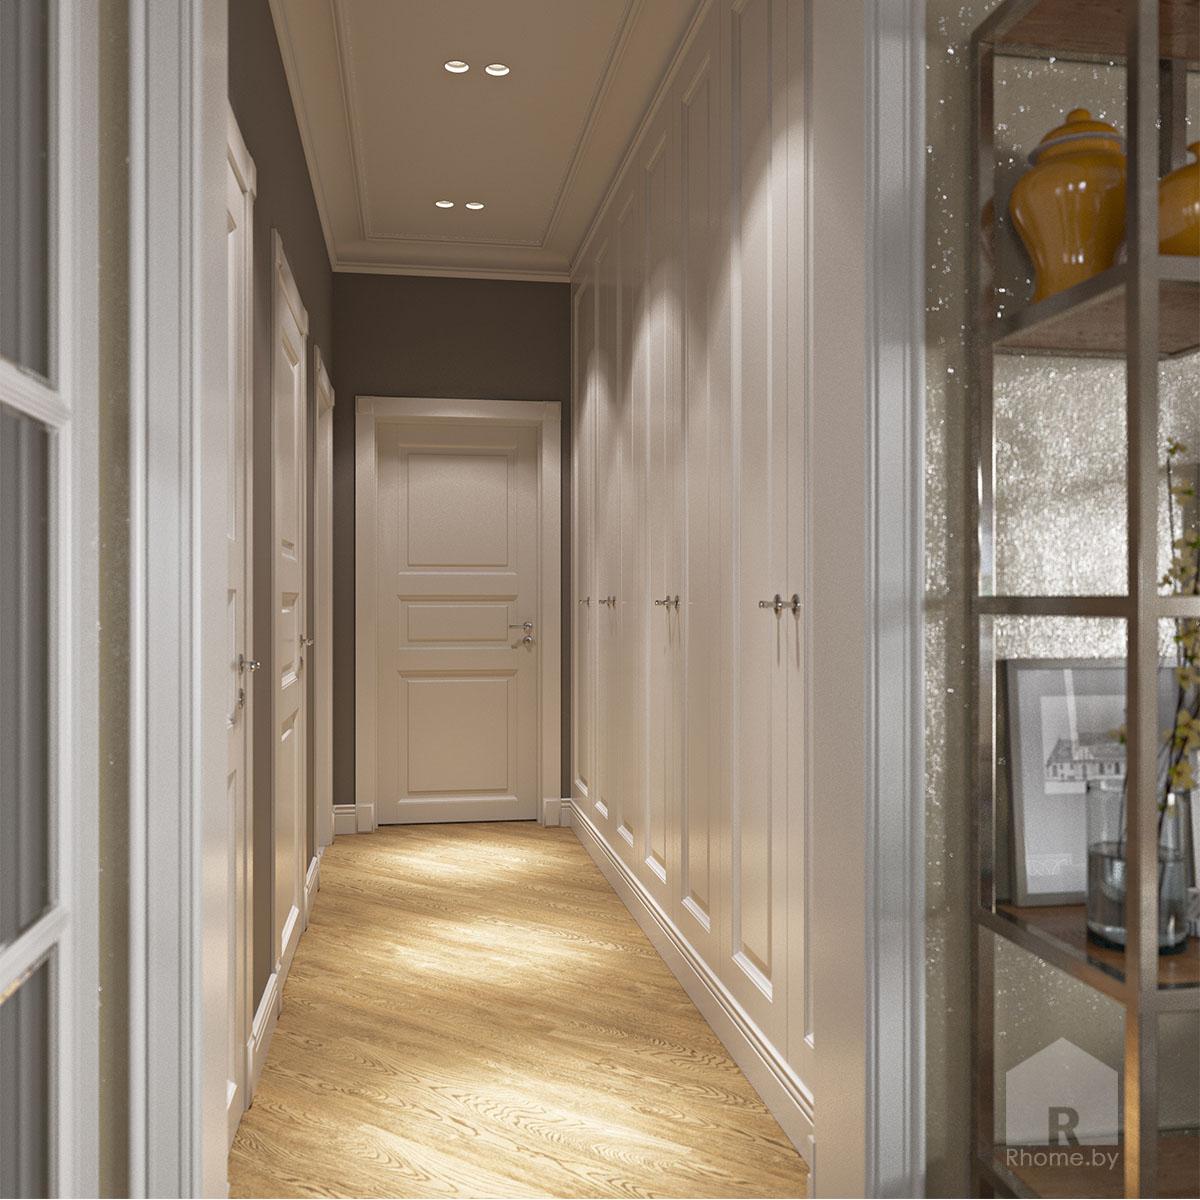 Дизайн интерьера коридора в доме в Зацени | Дизайн студия – Rhome.by